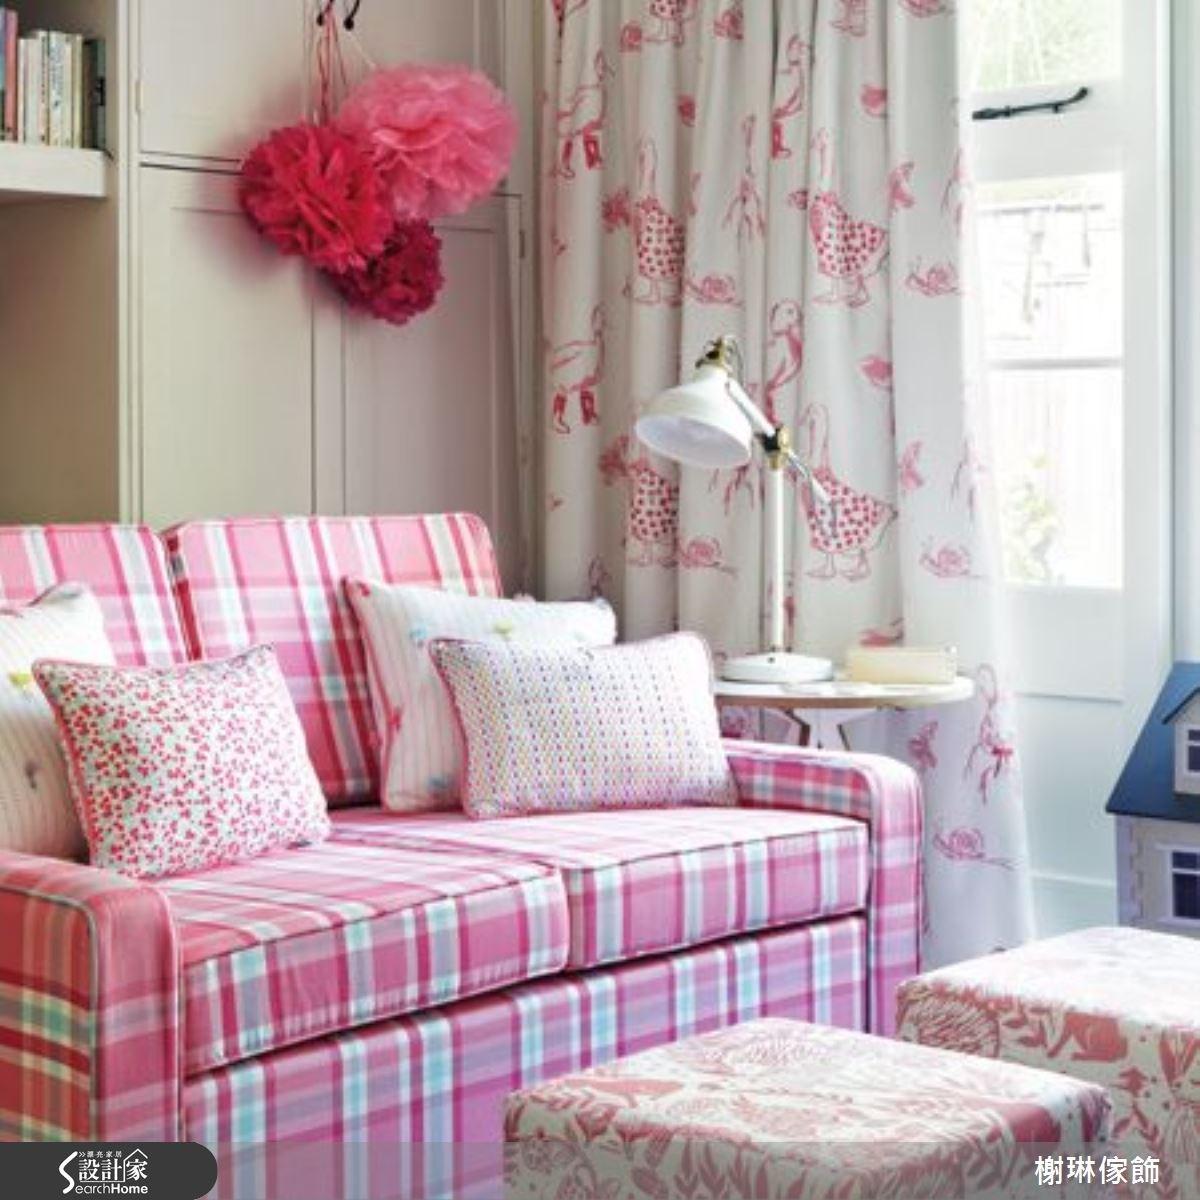 _案例圖片_榭琳傢飾設計公司_榭琳傢飾-窗簾,壁紙,傢俱_Storybook之2